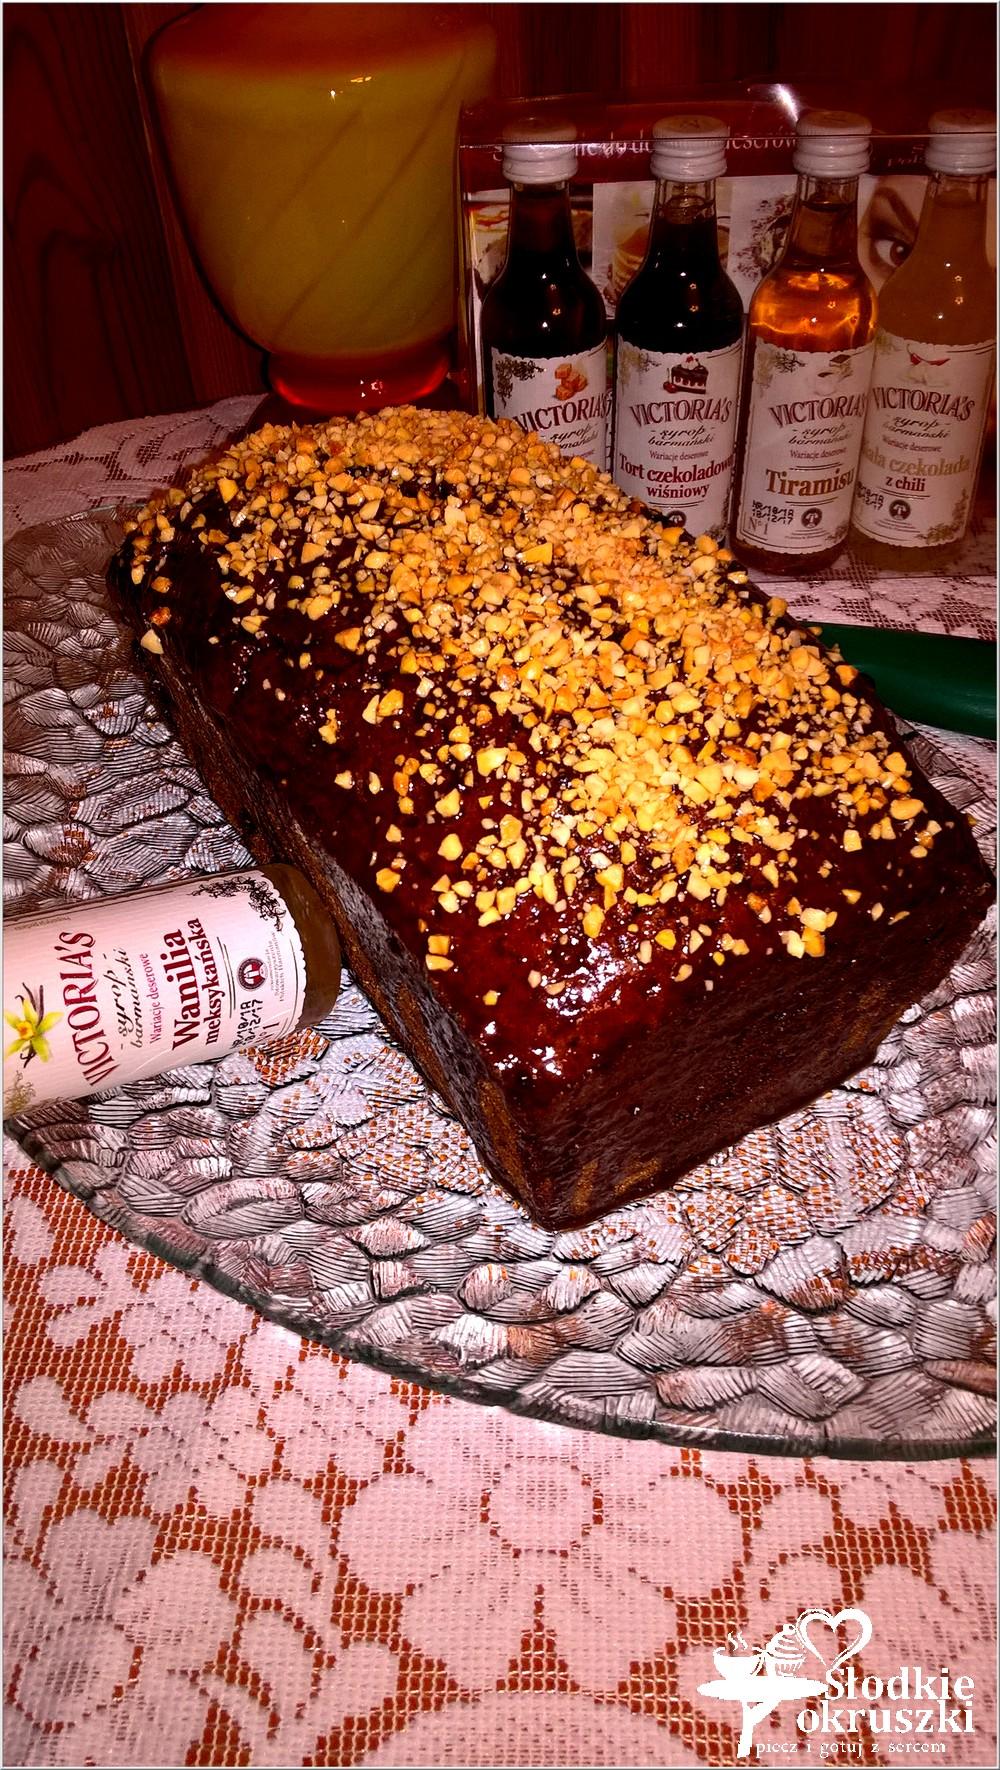 czekoladowe-ciasto-aromatyzowane-syropem-o-smaku-wanilii-meksykanskiej-2